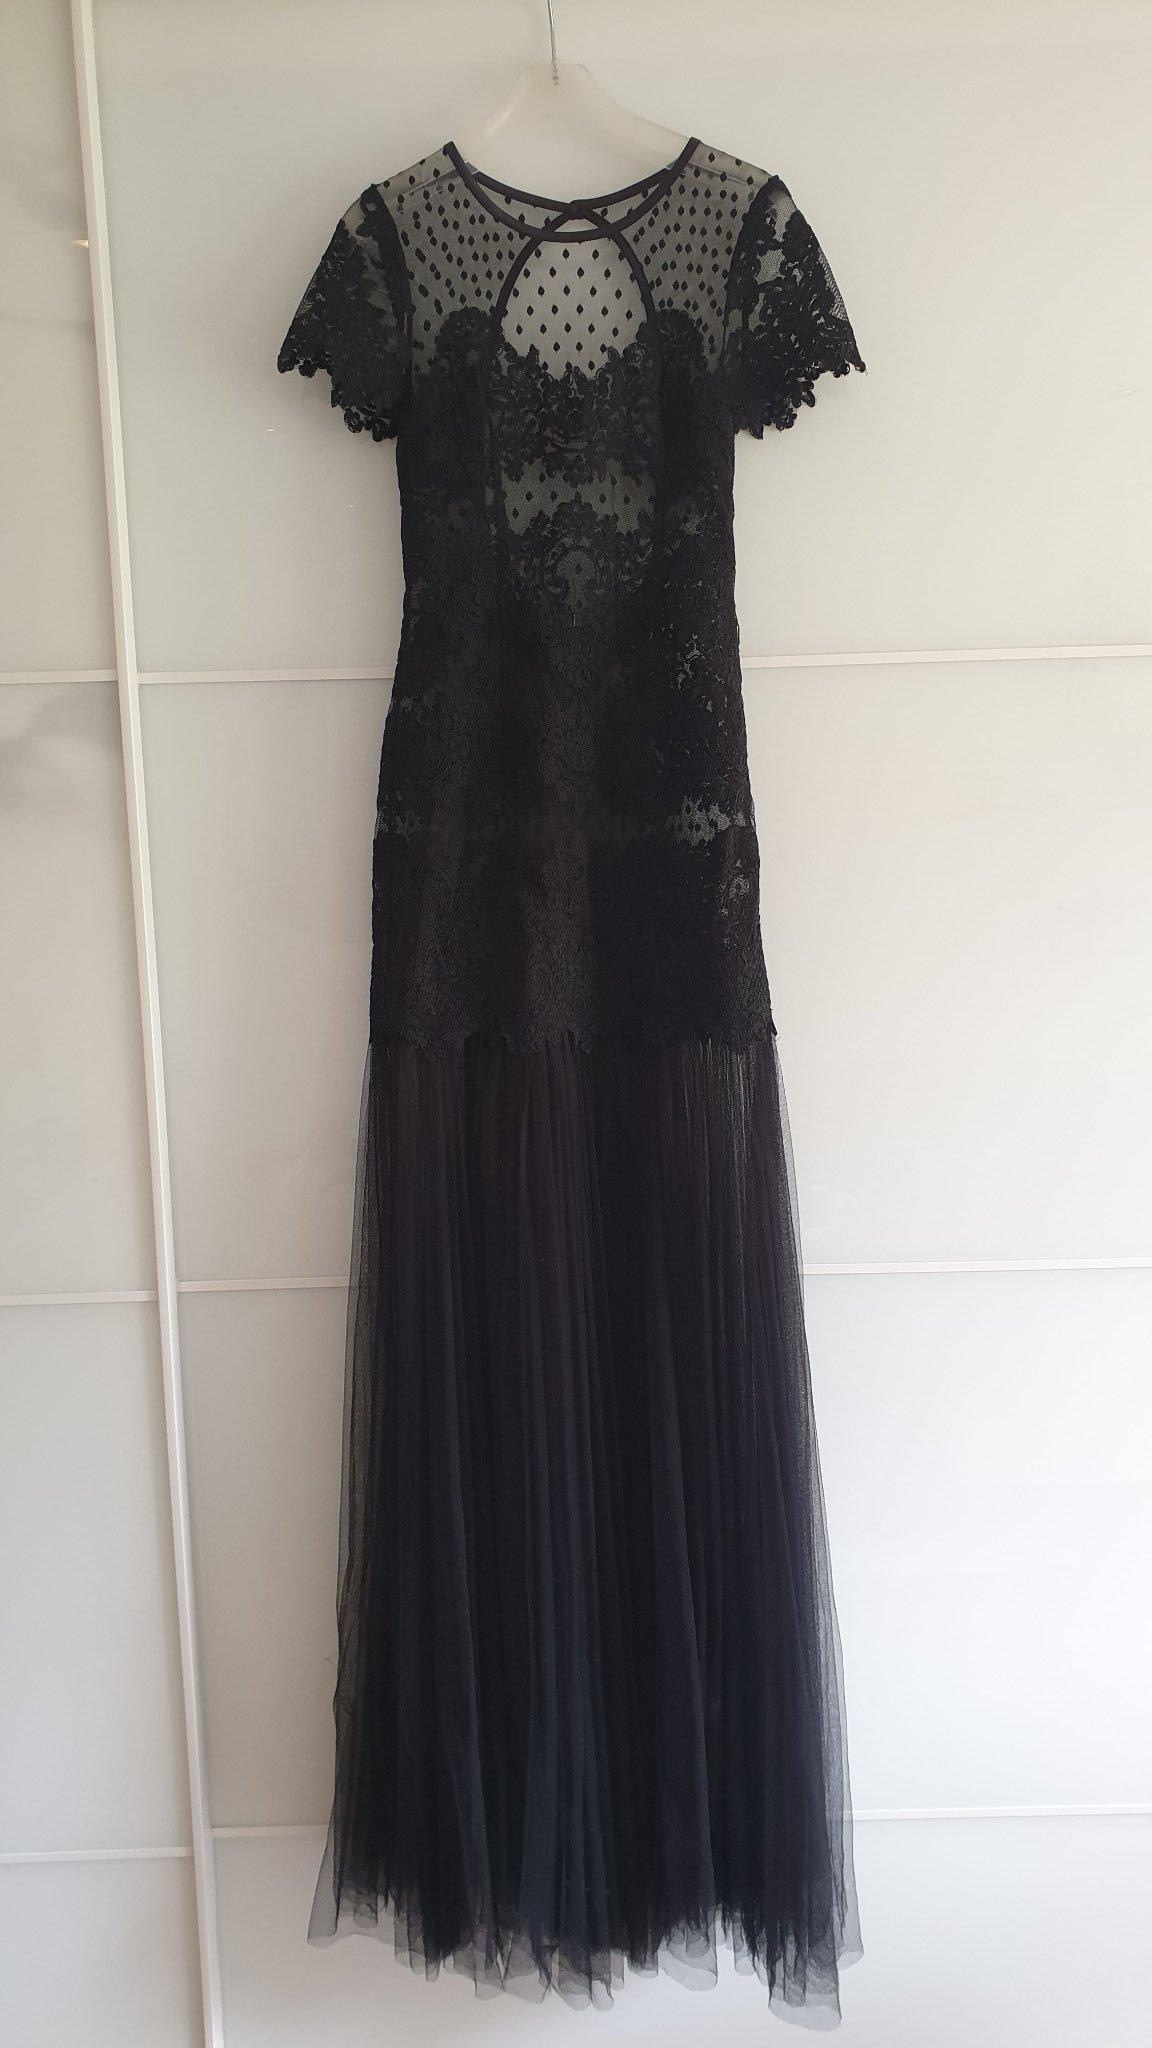 91443fecfde5 Ida Sjöstedt klänning / långklänning / svart klänning / spetsklänning /  spets ...